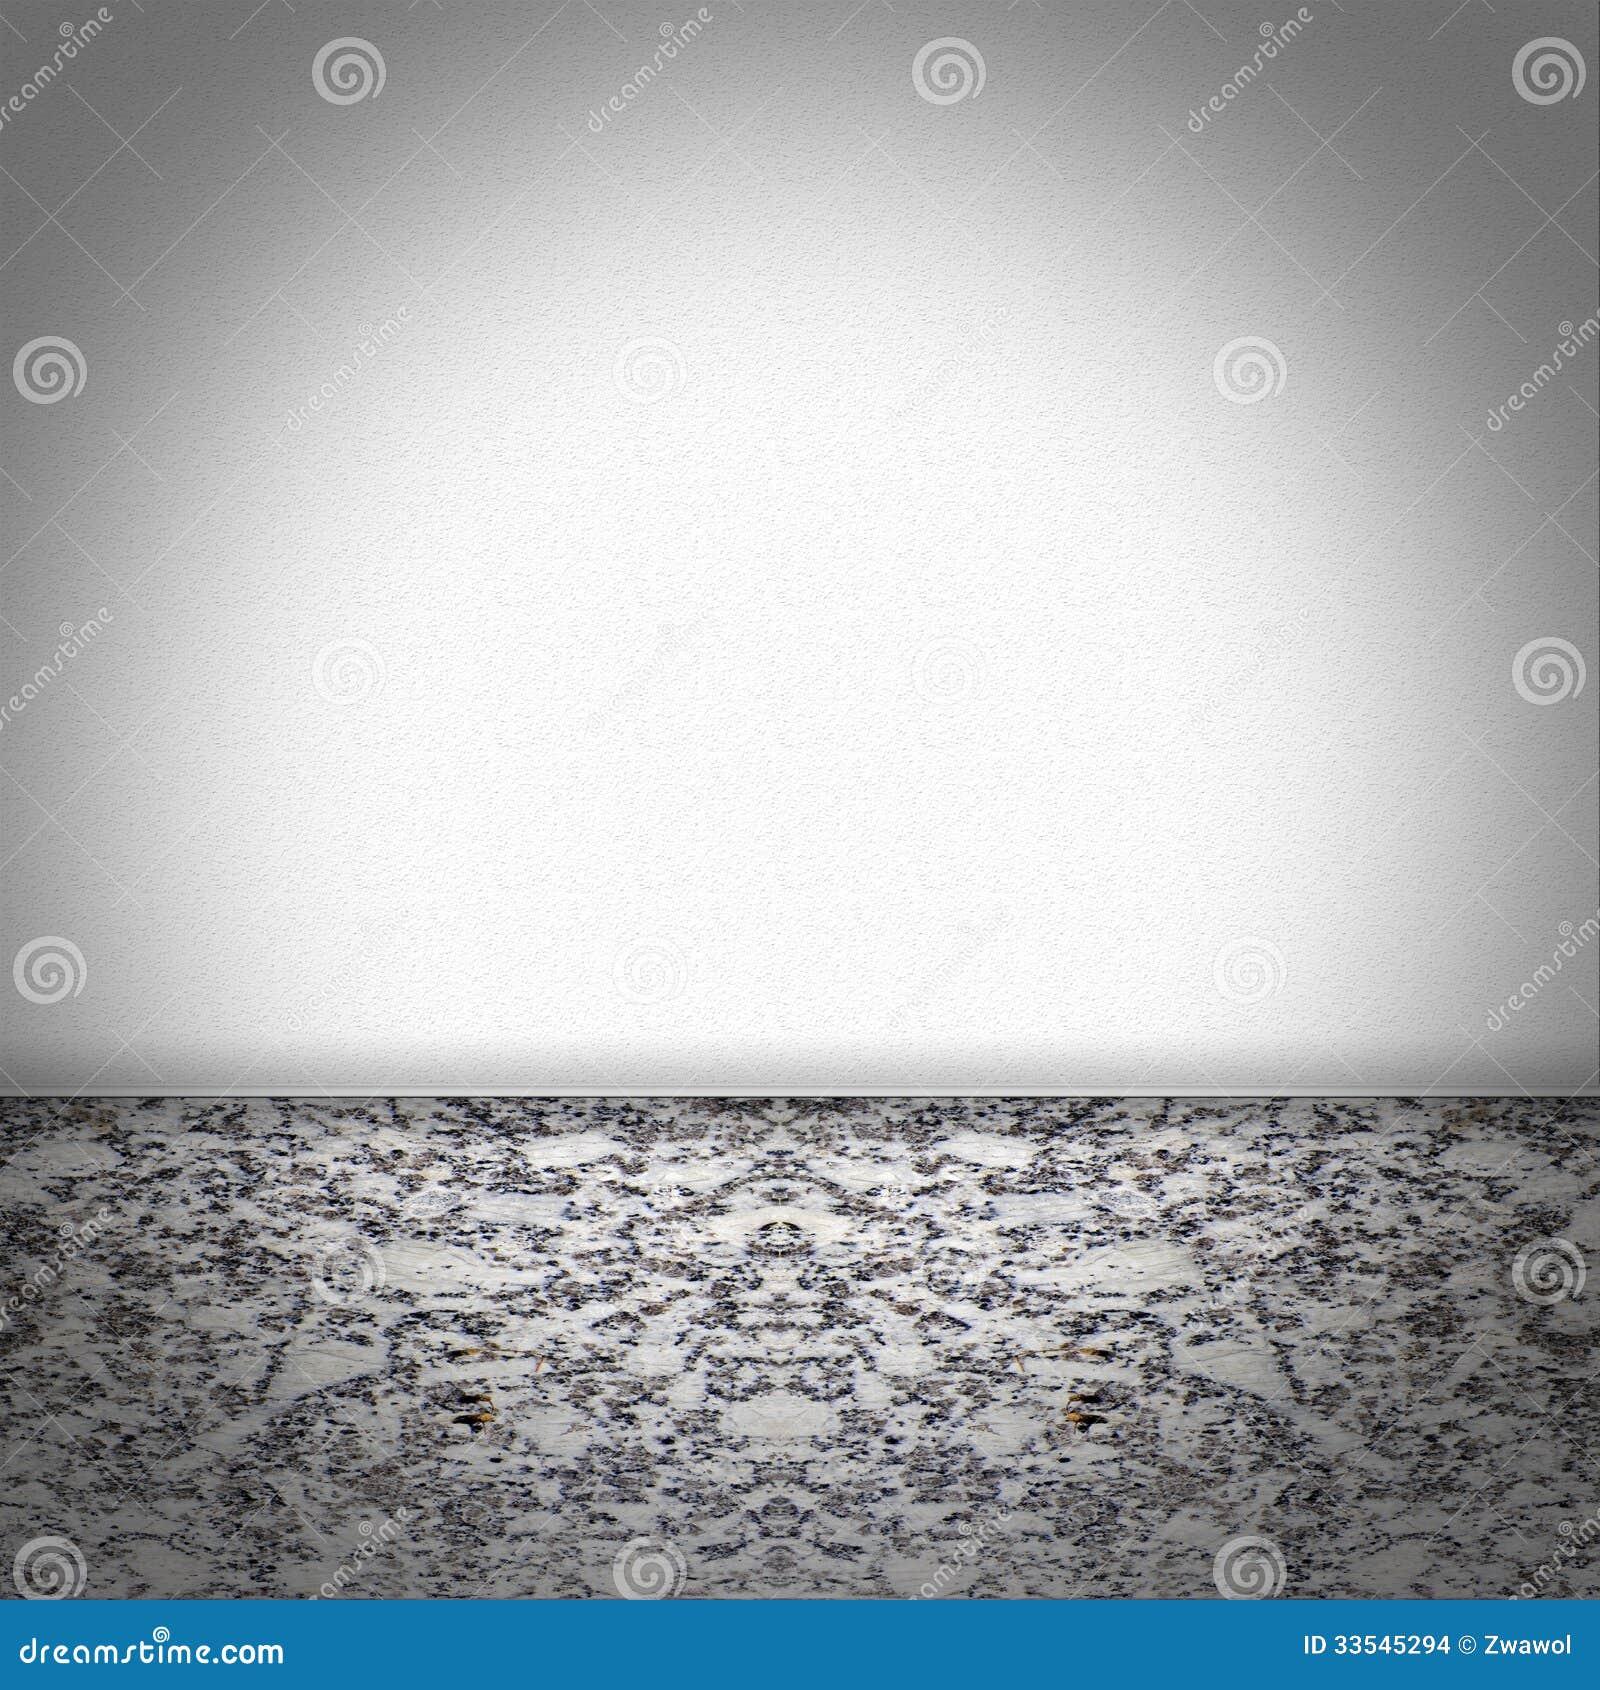 pi ce vide avec le plancher de marbre noir et blanc images stock image 33545294. Black Bedroom Furniture Sets. Home Design Ideas